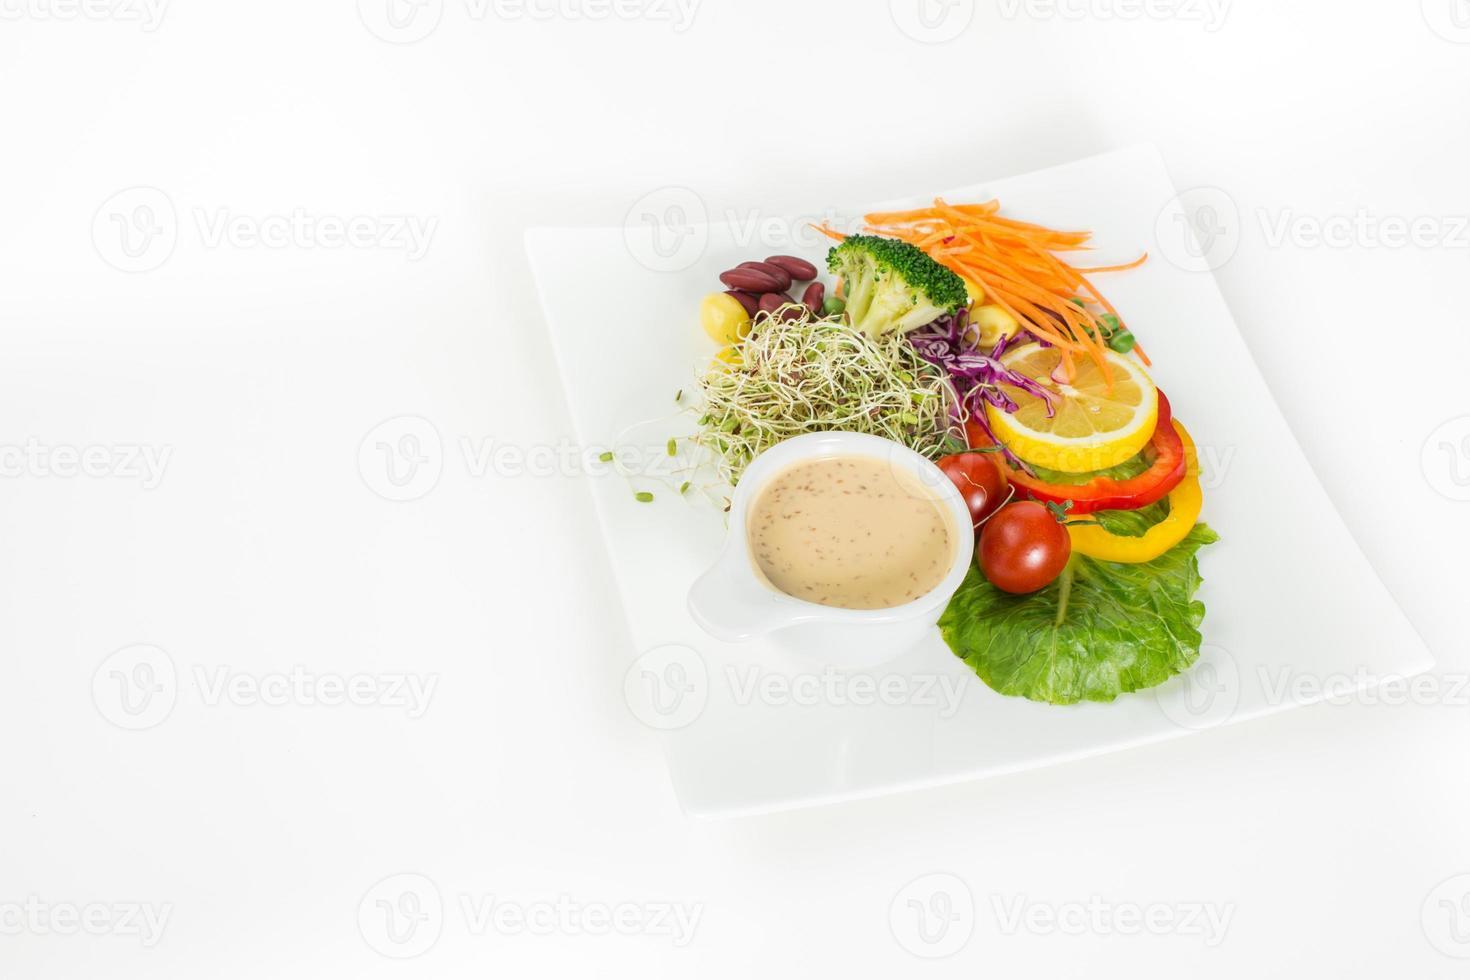 leckerer gesunder Salat auf einem Teller. foto